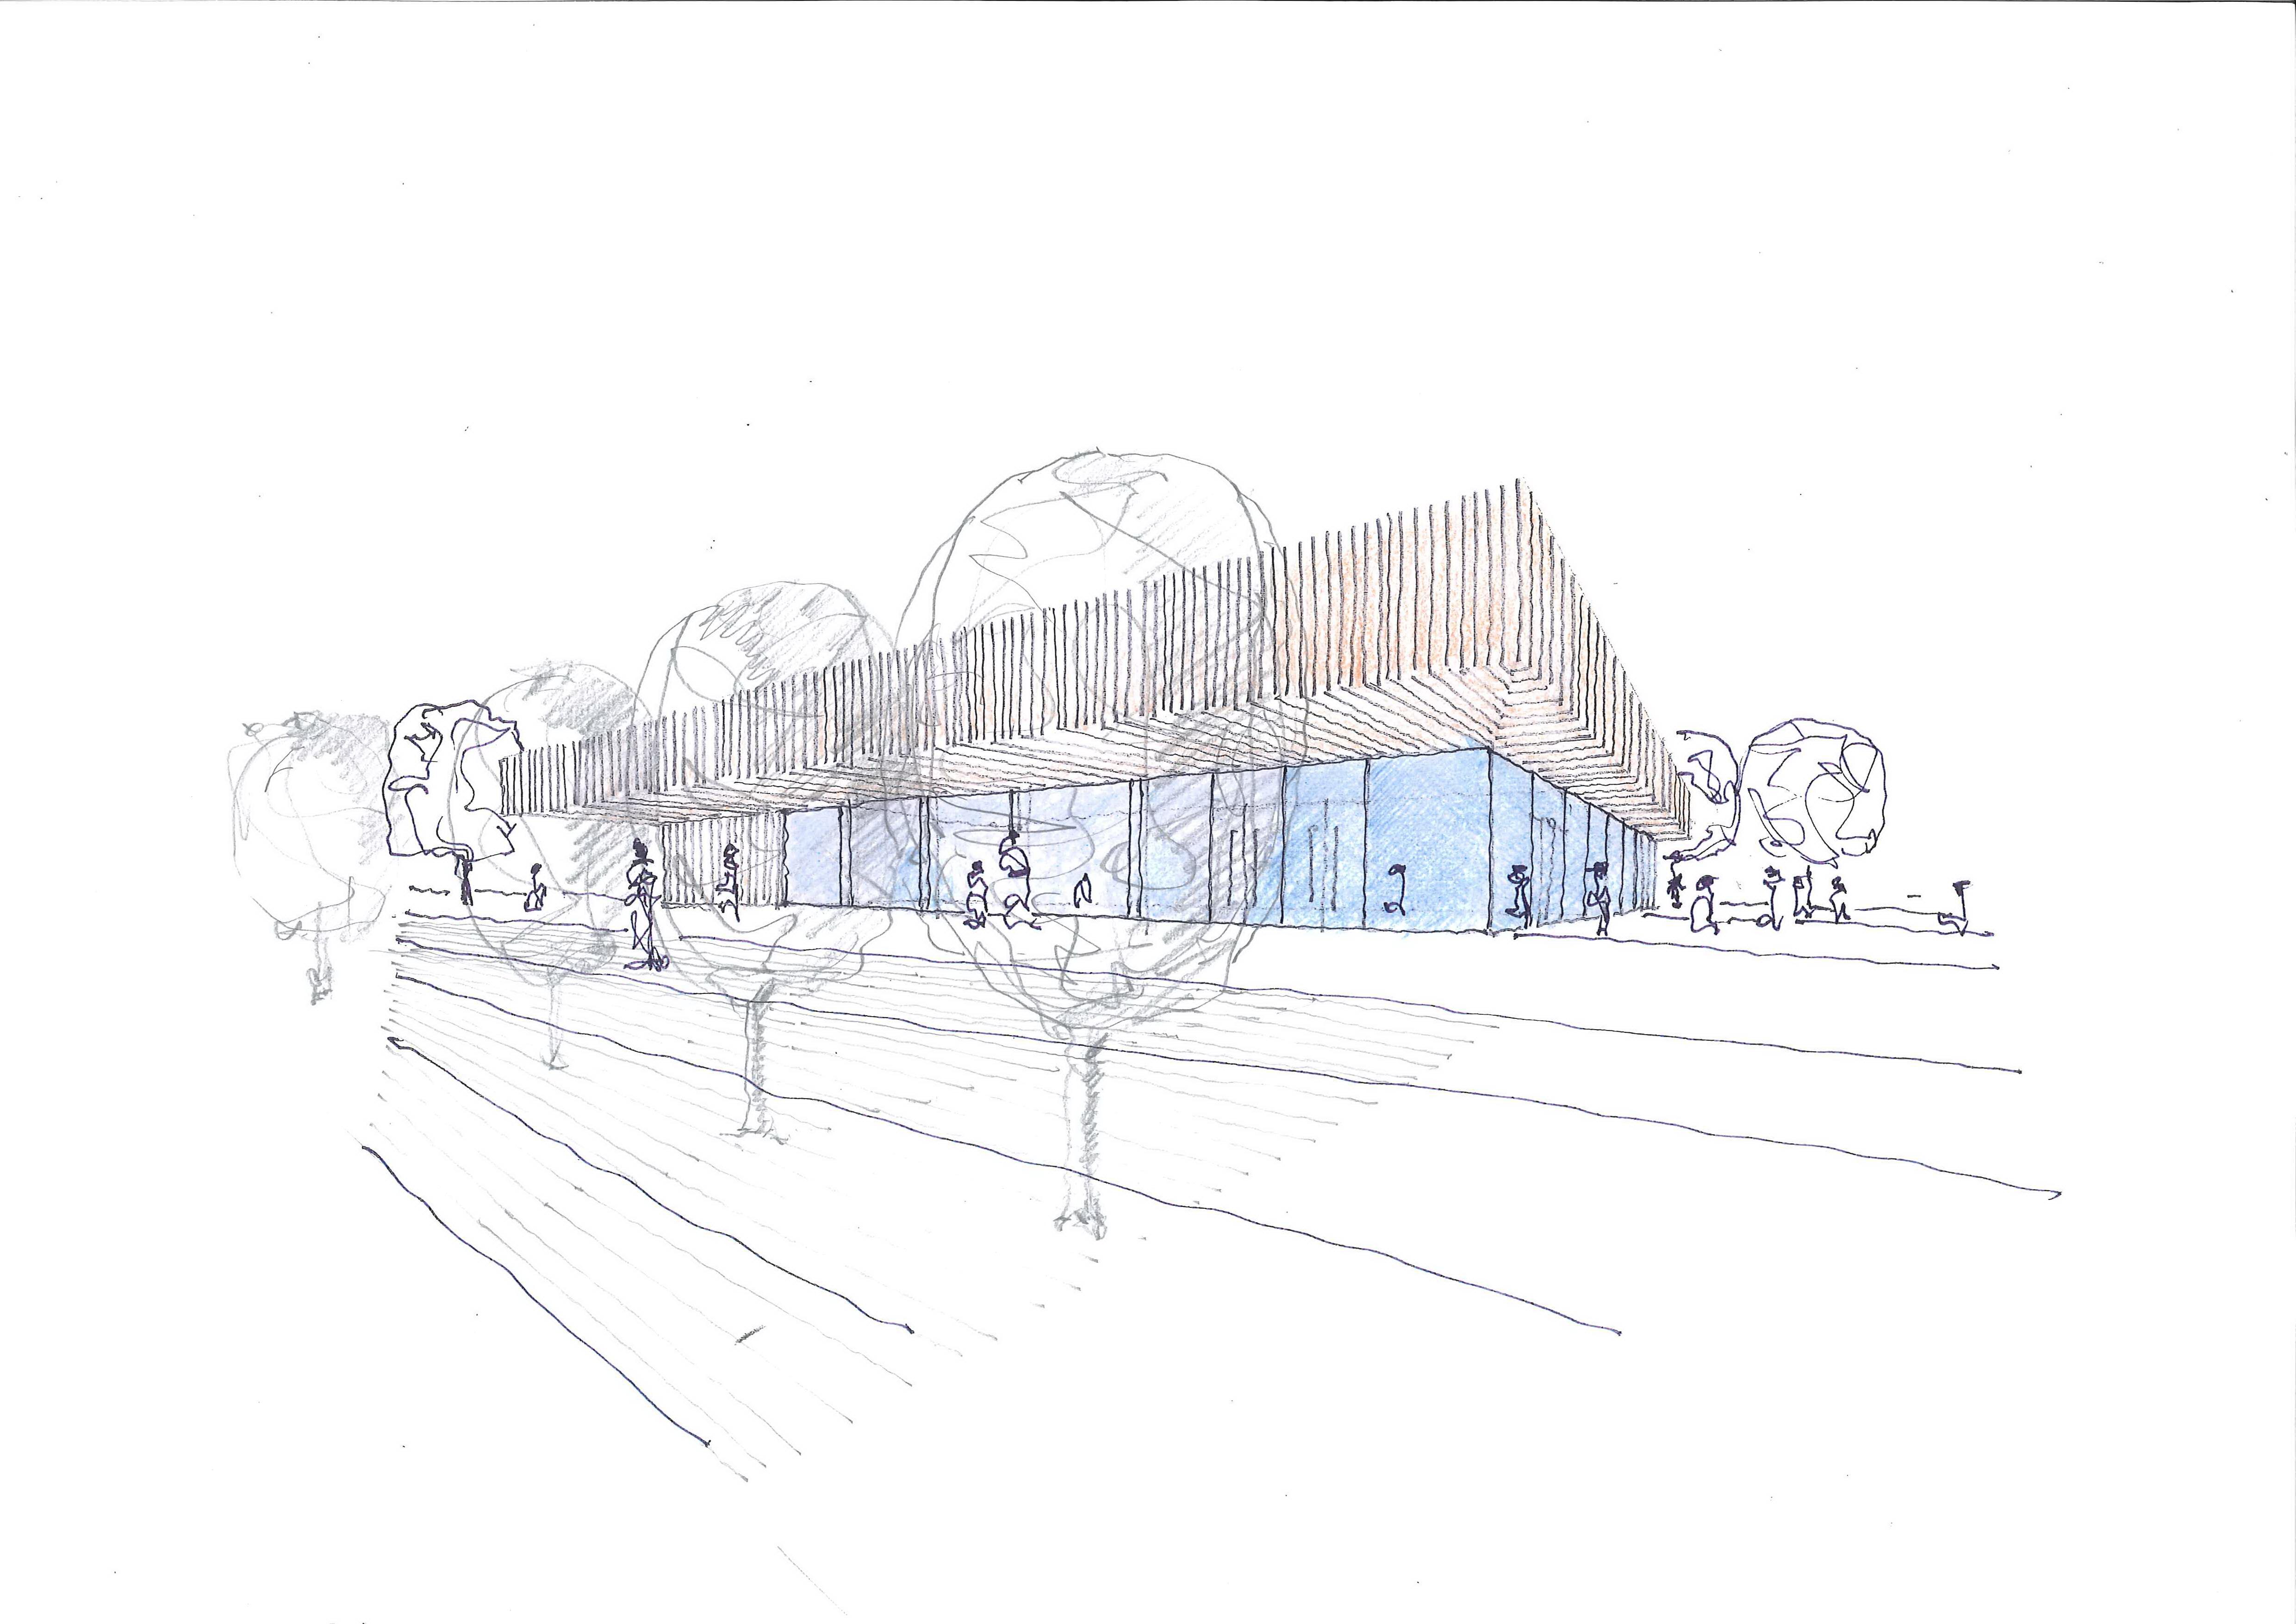 Wettbewerb Neubau einer Zweifachsporthalle 3. Preis 2